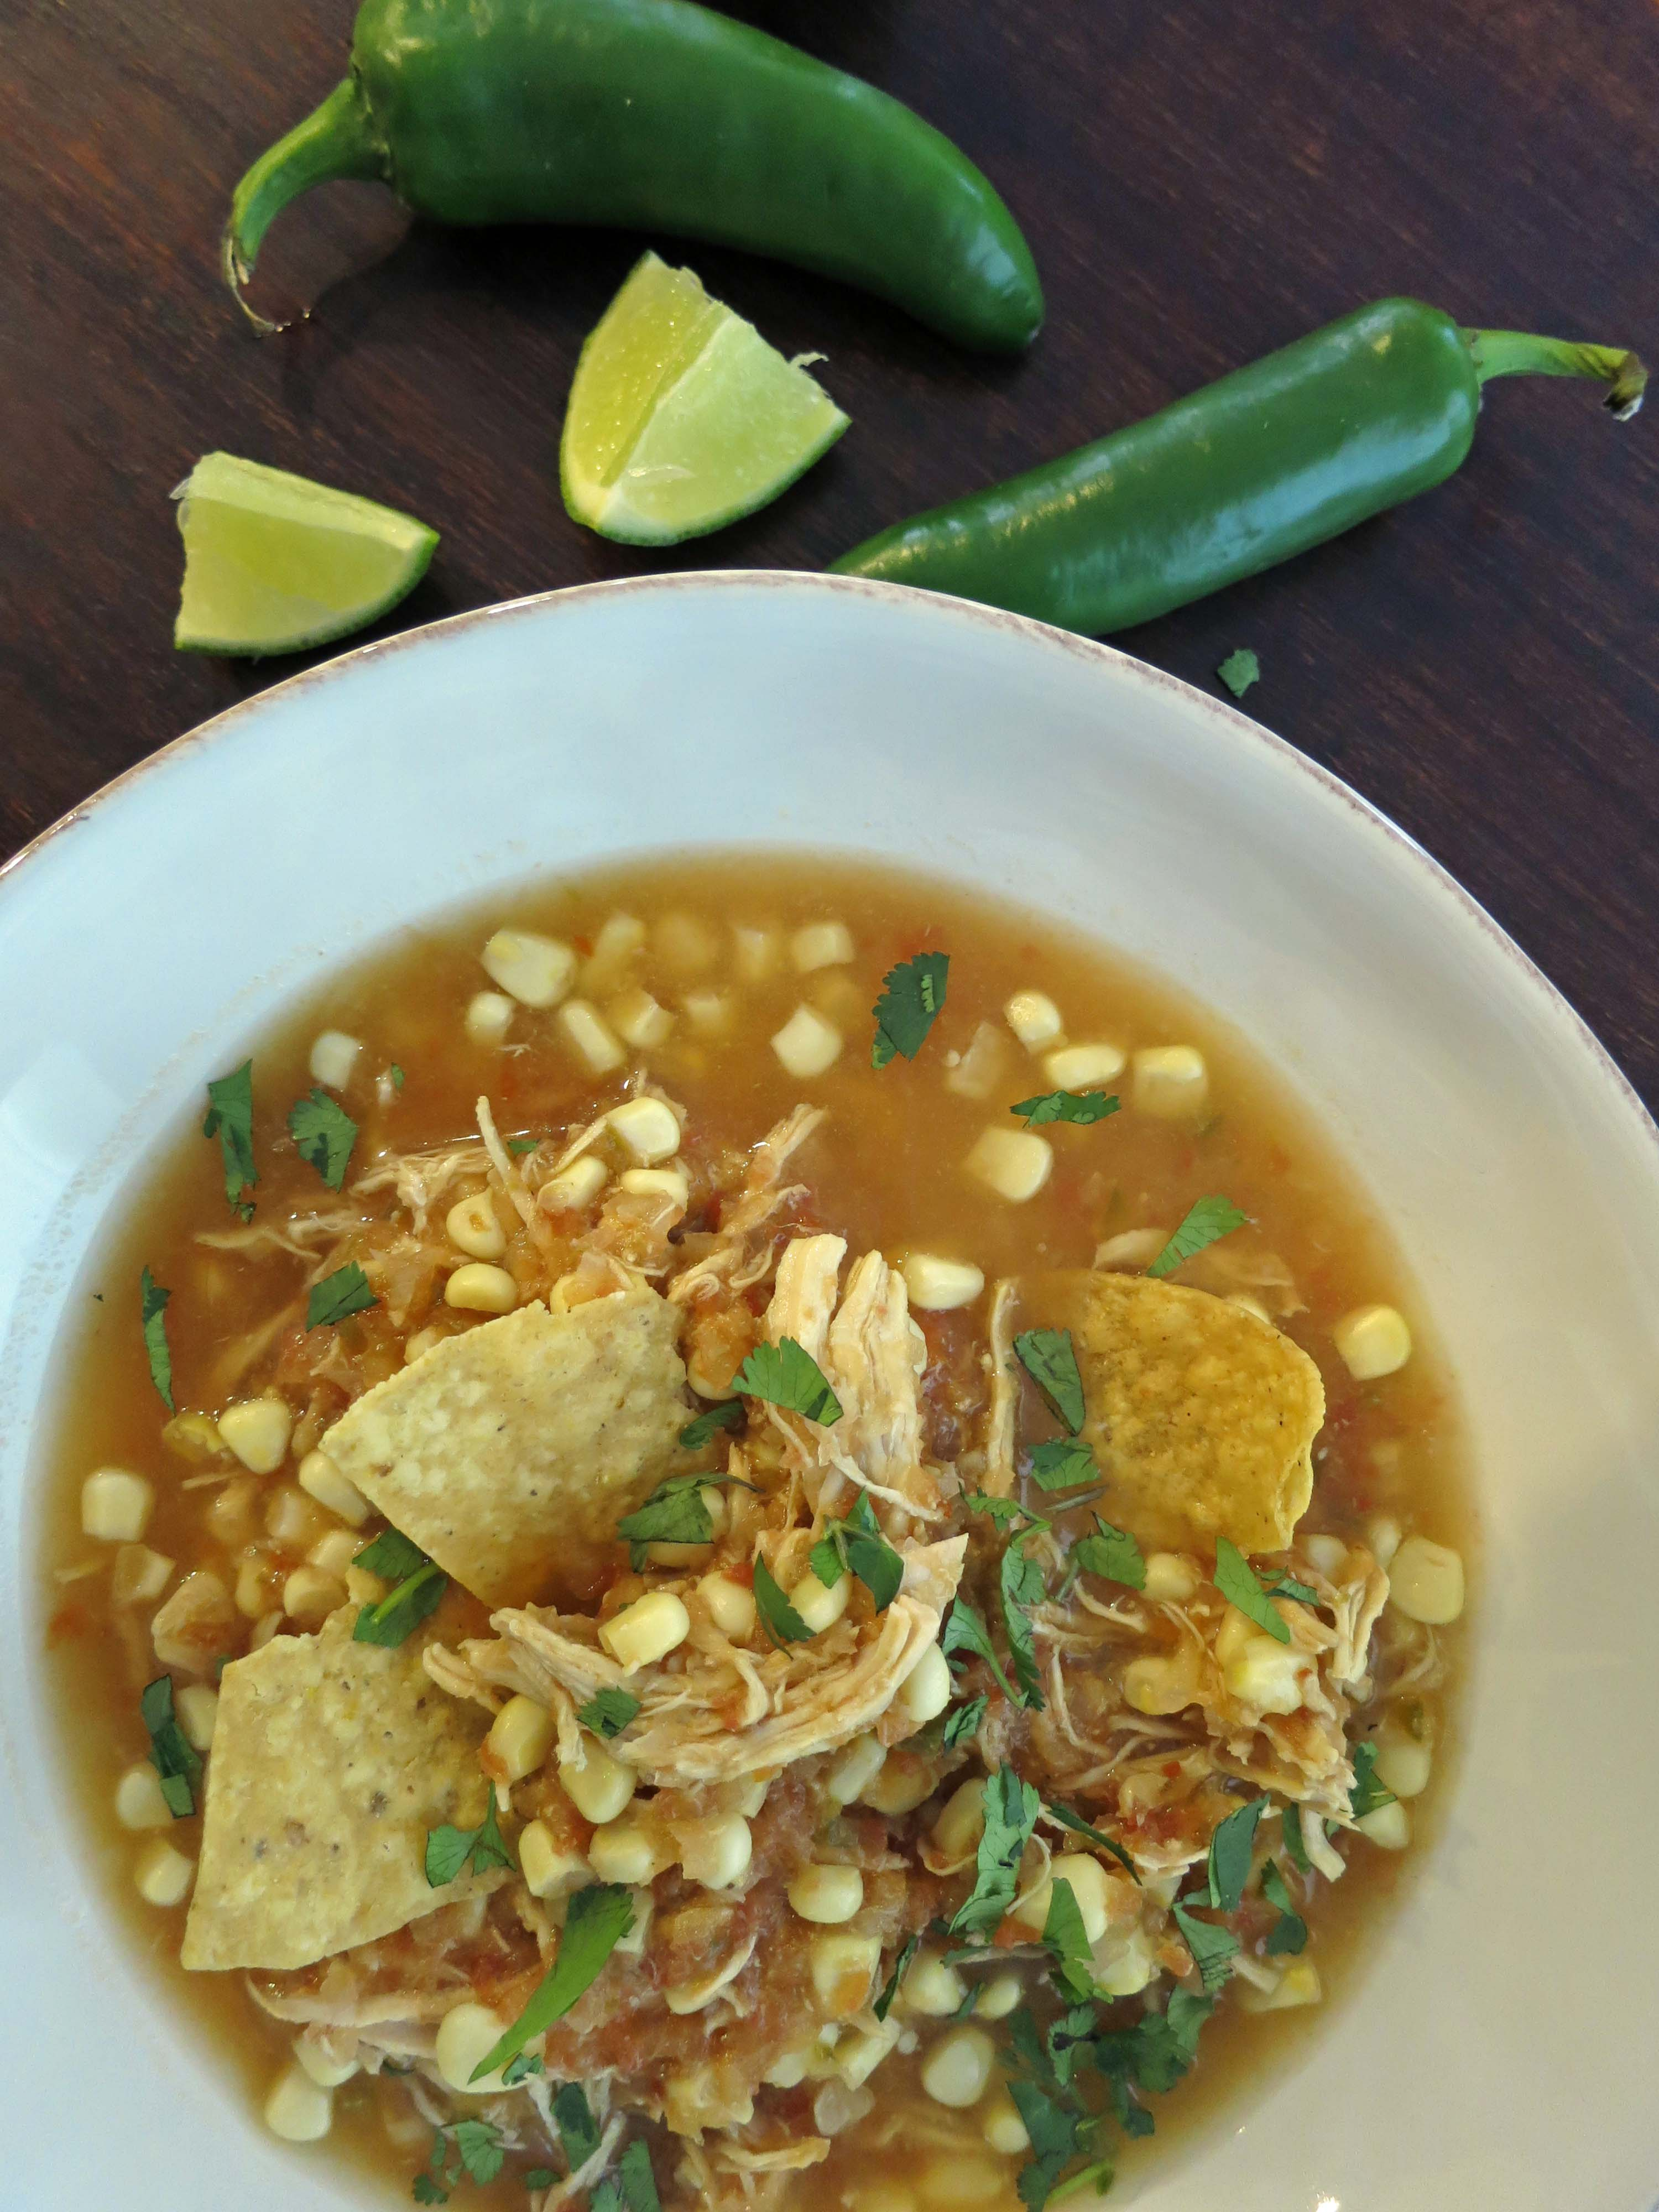 lisa-dearen-slow-cooker-chicken-tortilla-soup-vert